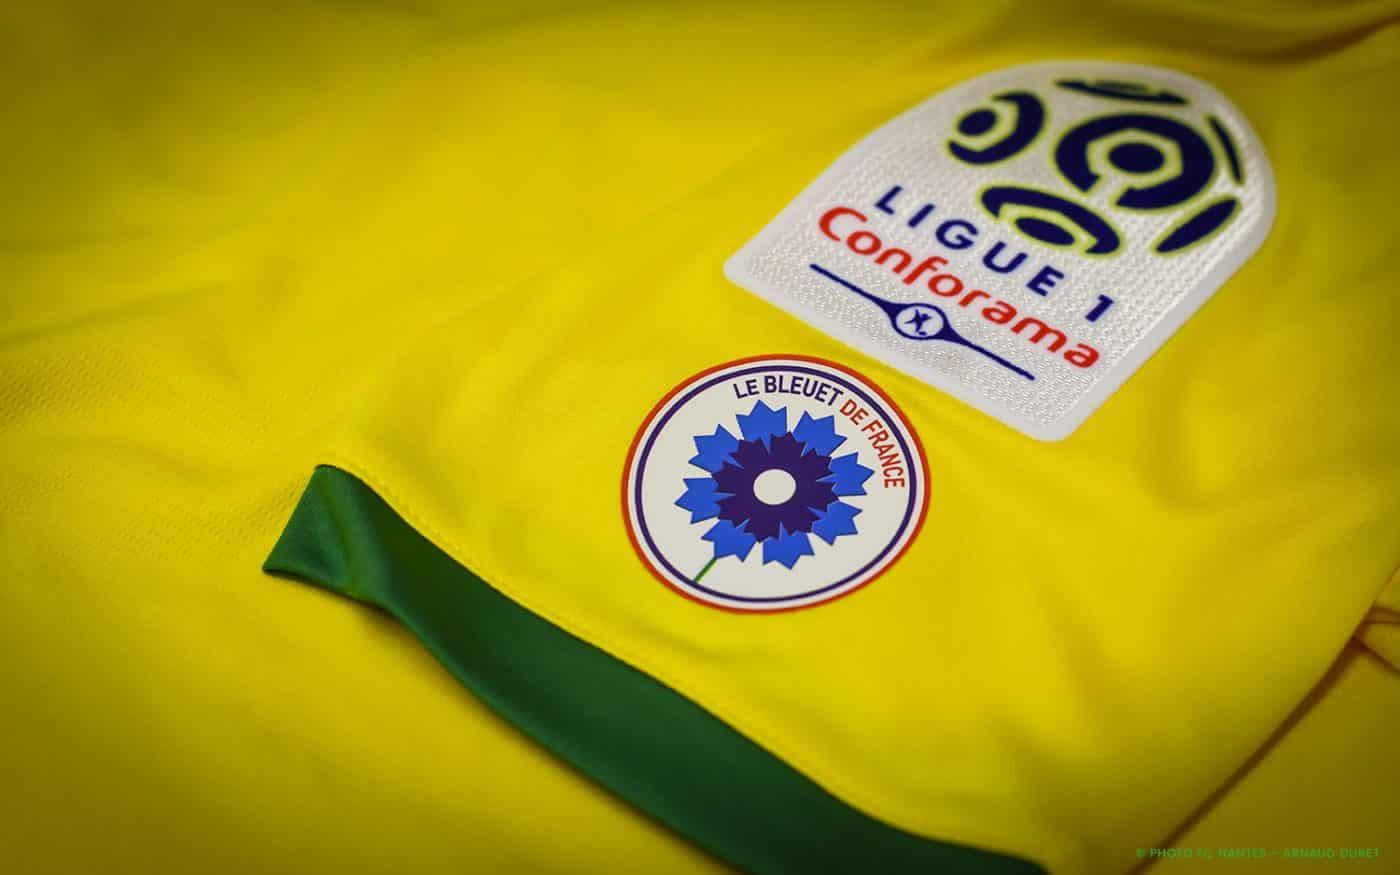 maillot-foot-ligue-1-ligue-2-bleuet-footpack-2019-1